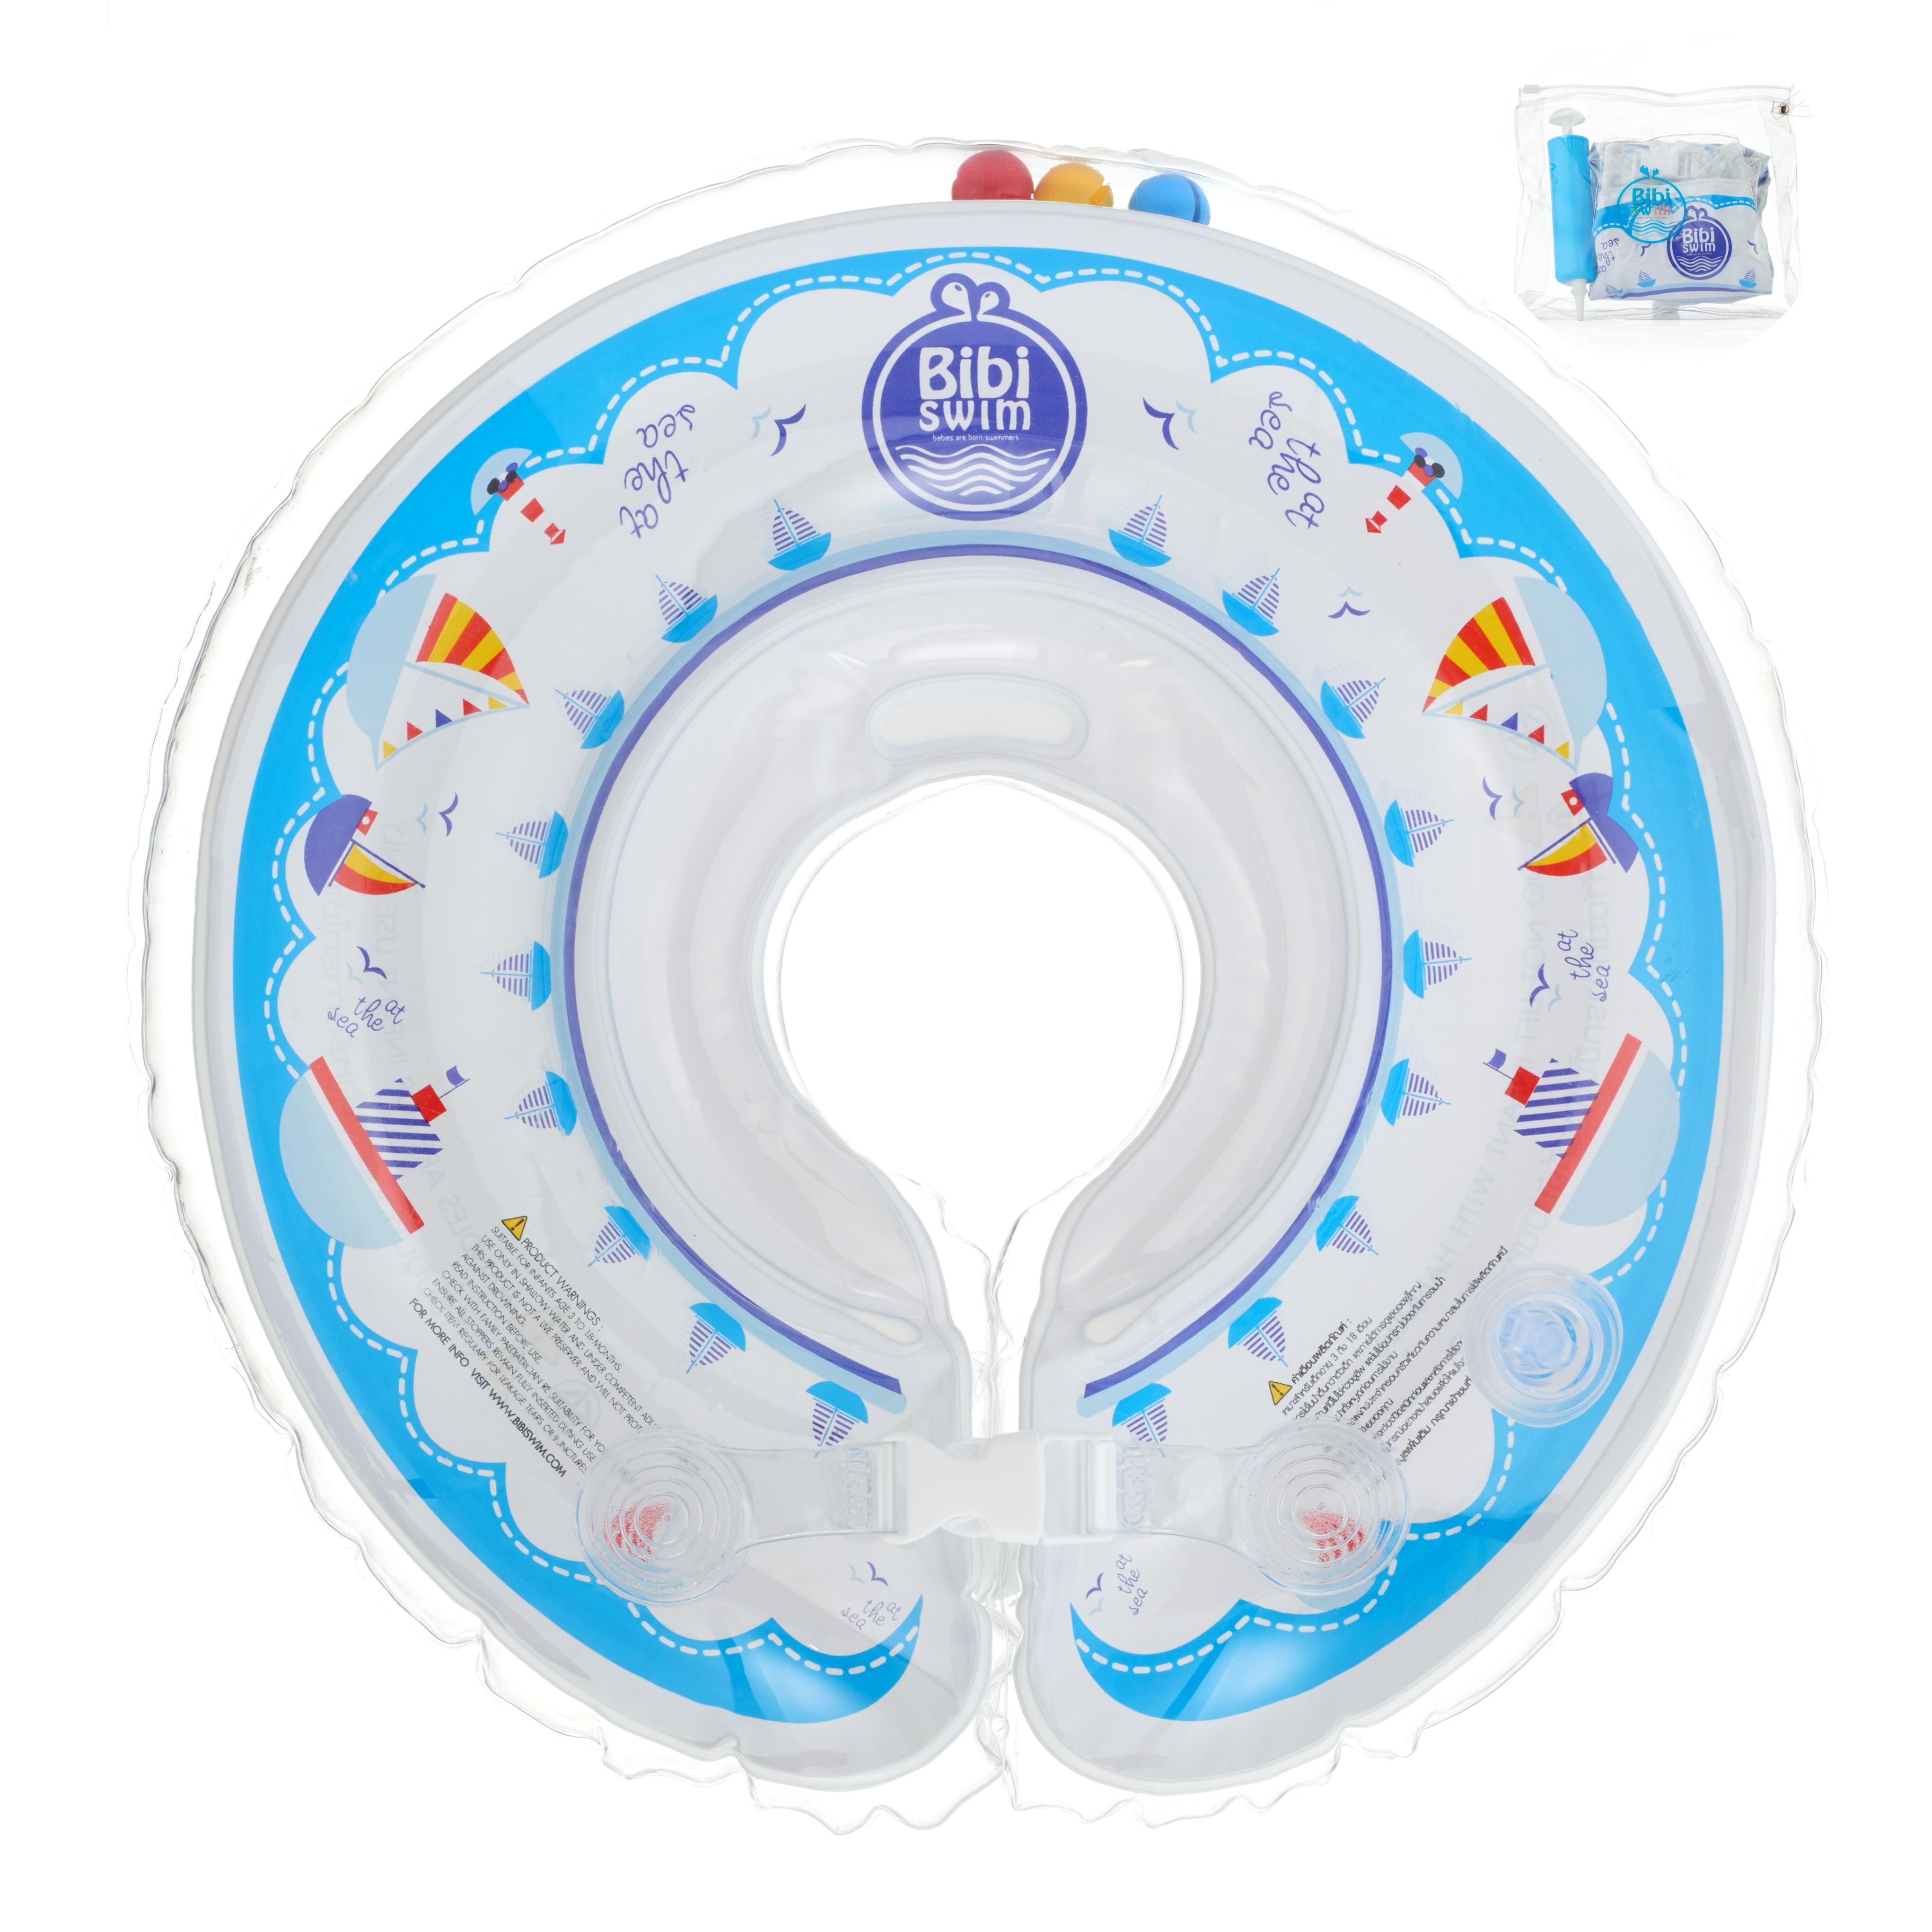 ฟ้า ห่วงยางคอ baby Neck Float ปลอดภัยที่สุด ดีที่สุด # ใช้ได้ตั้งแต่ 2 เดือน -1.5 ขวบ แถมที่สูบลมในซองกันน้ำ พกพาสะดวก